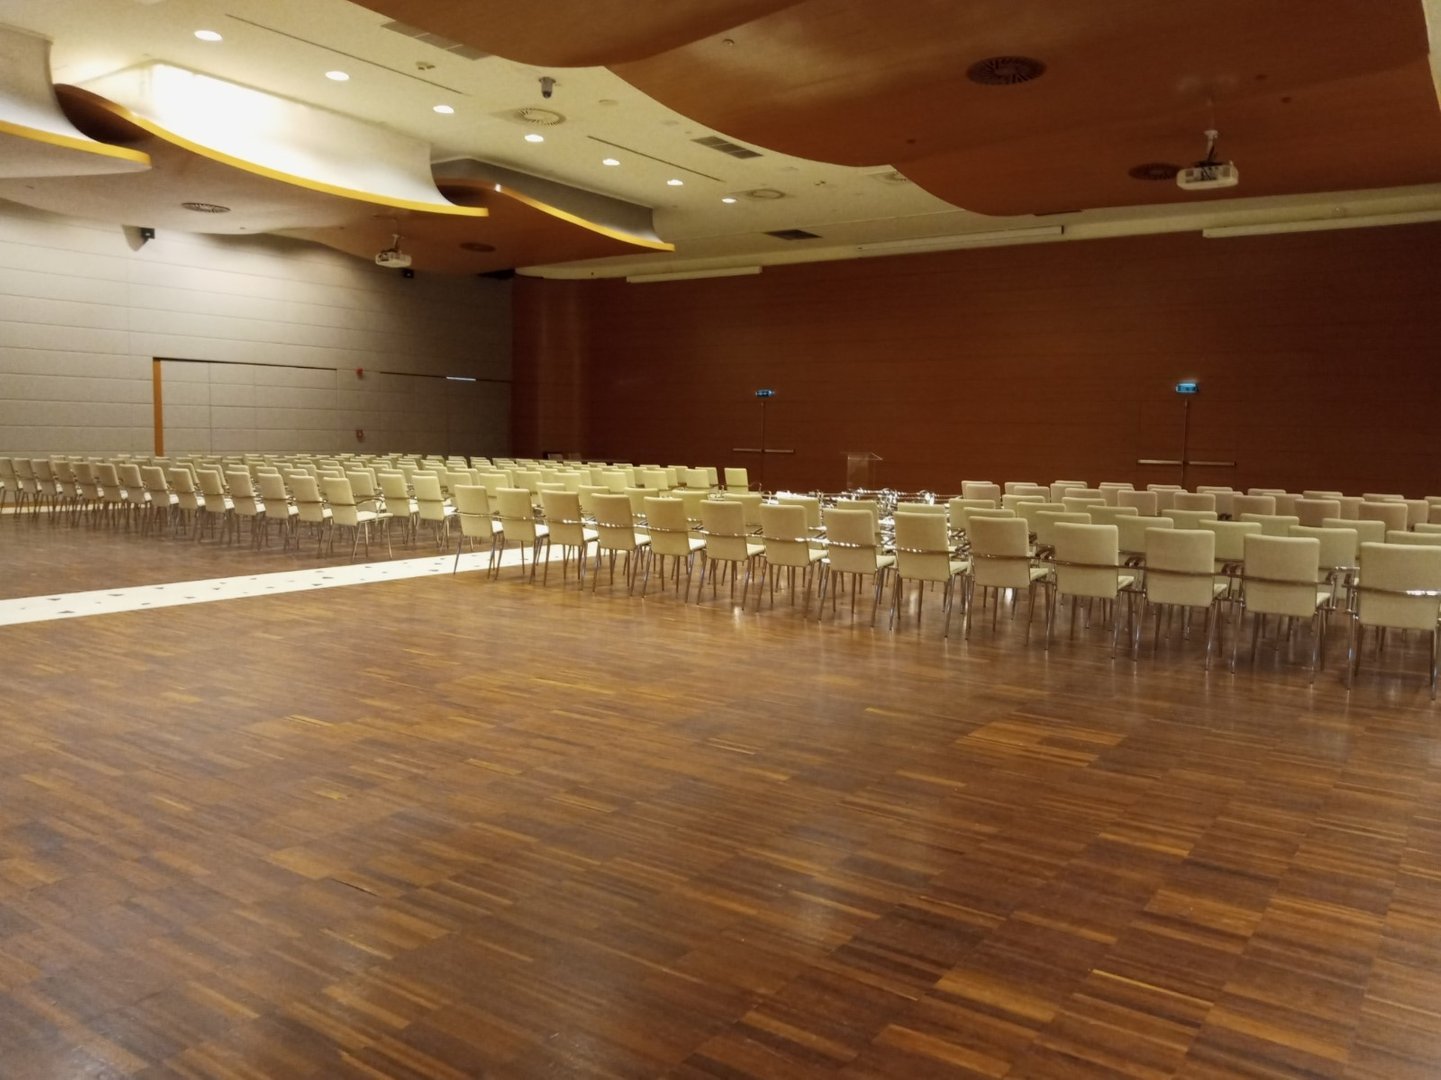 Event hall interior